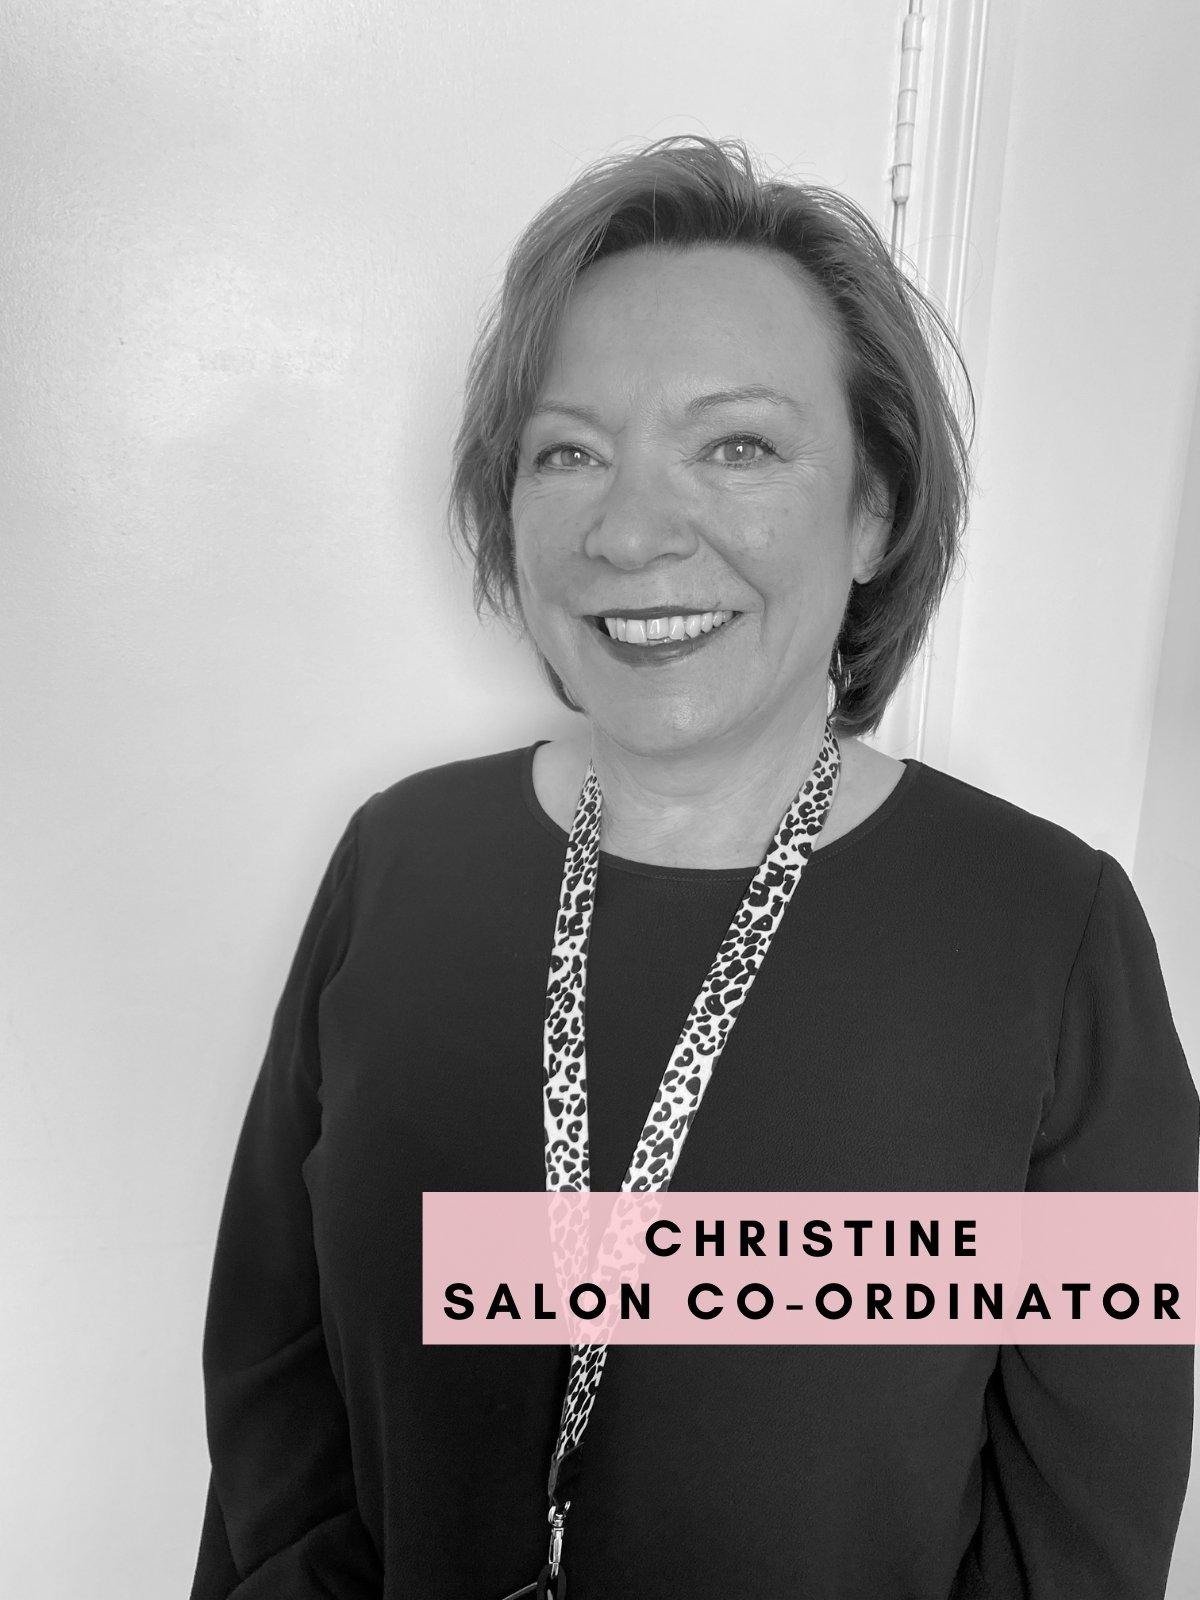 Christine – Salon Co-Ordinator